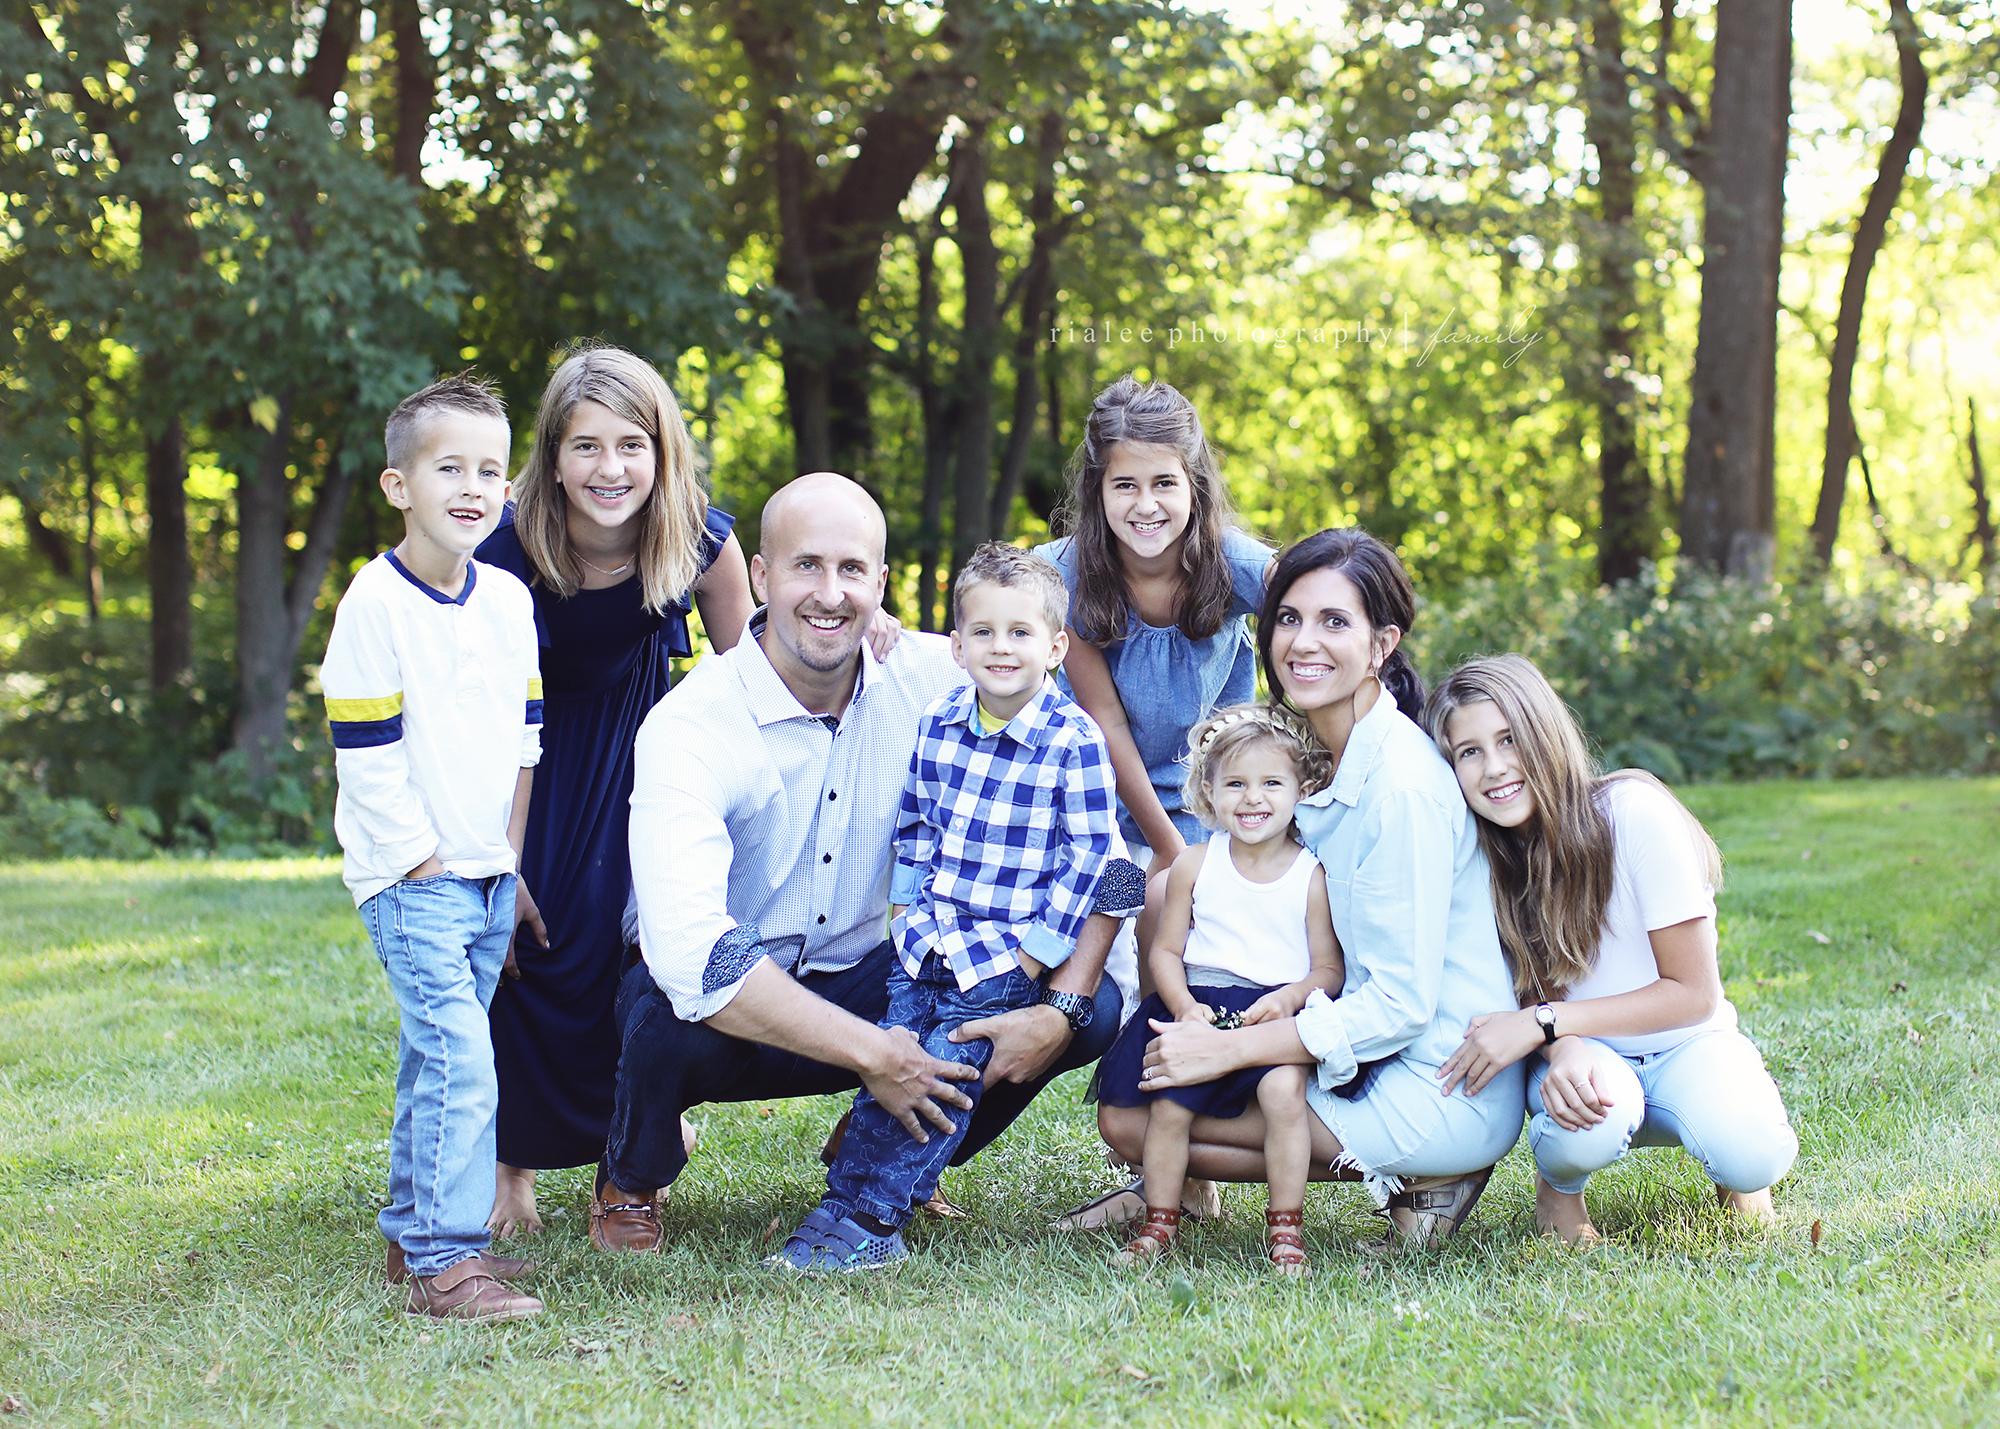 largefamilyphotographerfargond.jpg